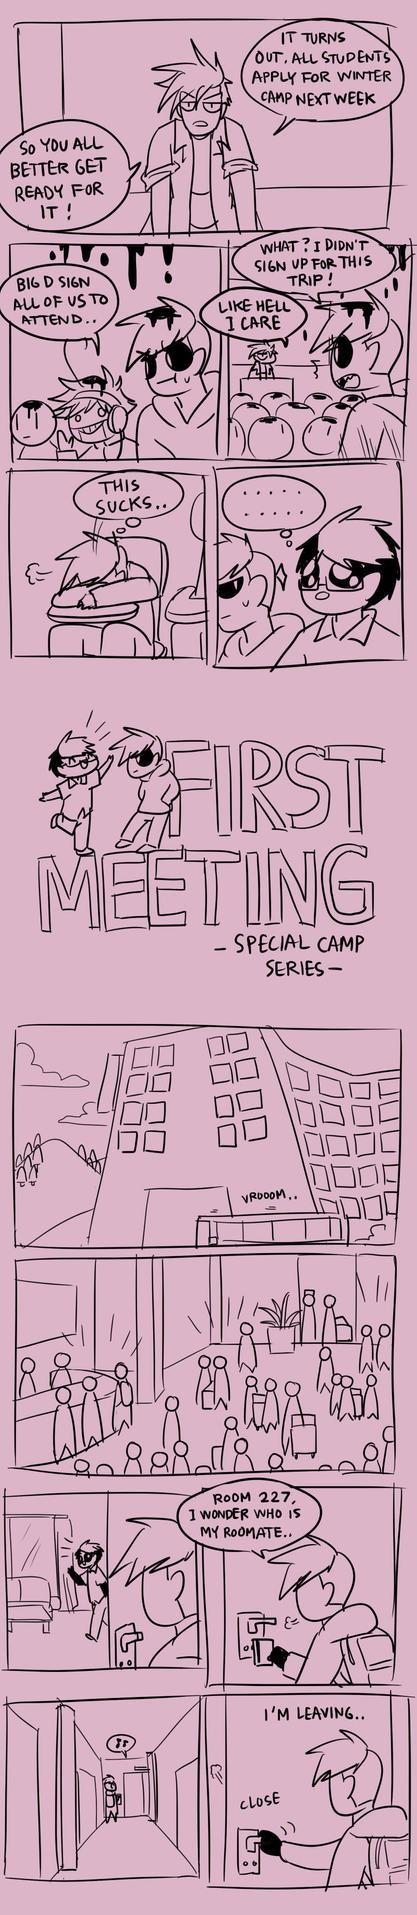 -A'nDD- First Meeting 46 by Vey-kun